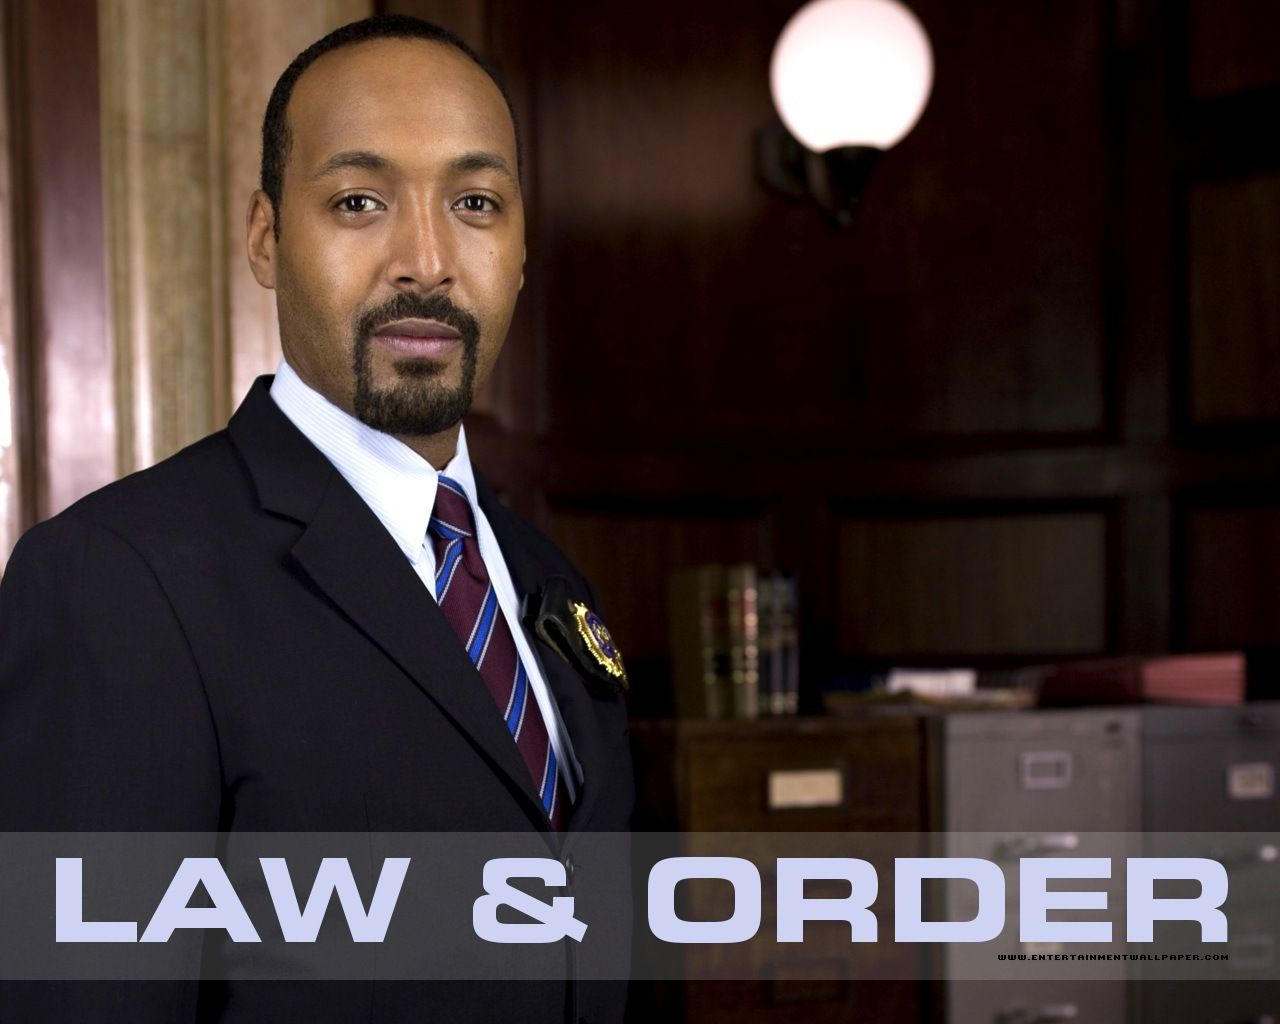 law amp order jesse l martin law amp order pinterest